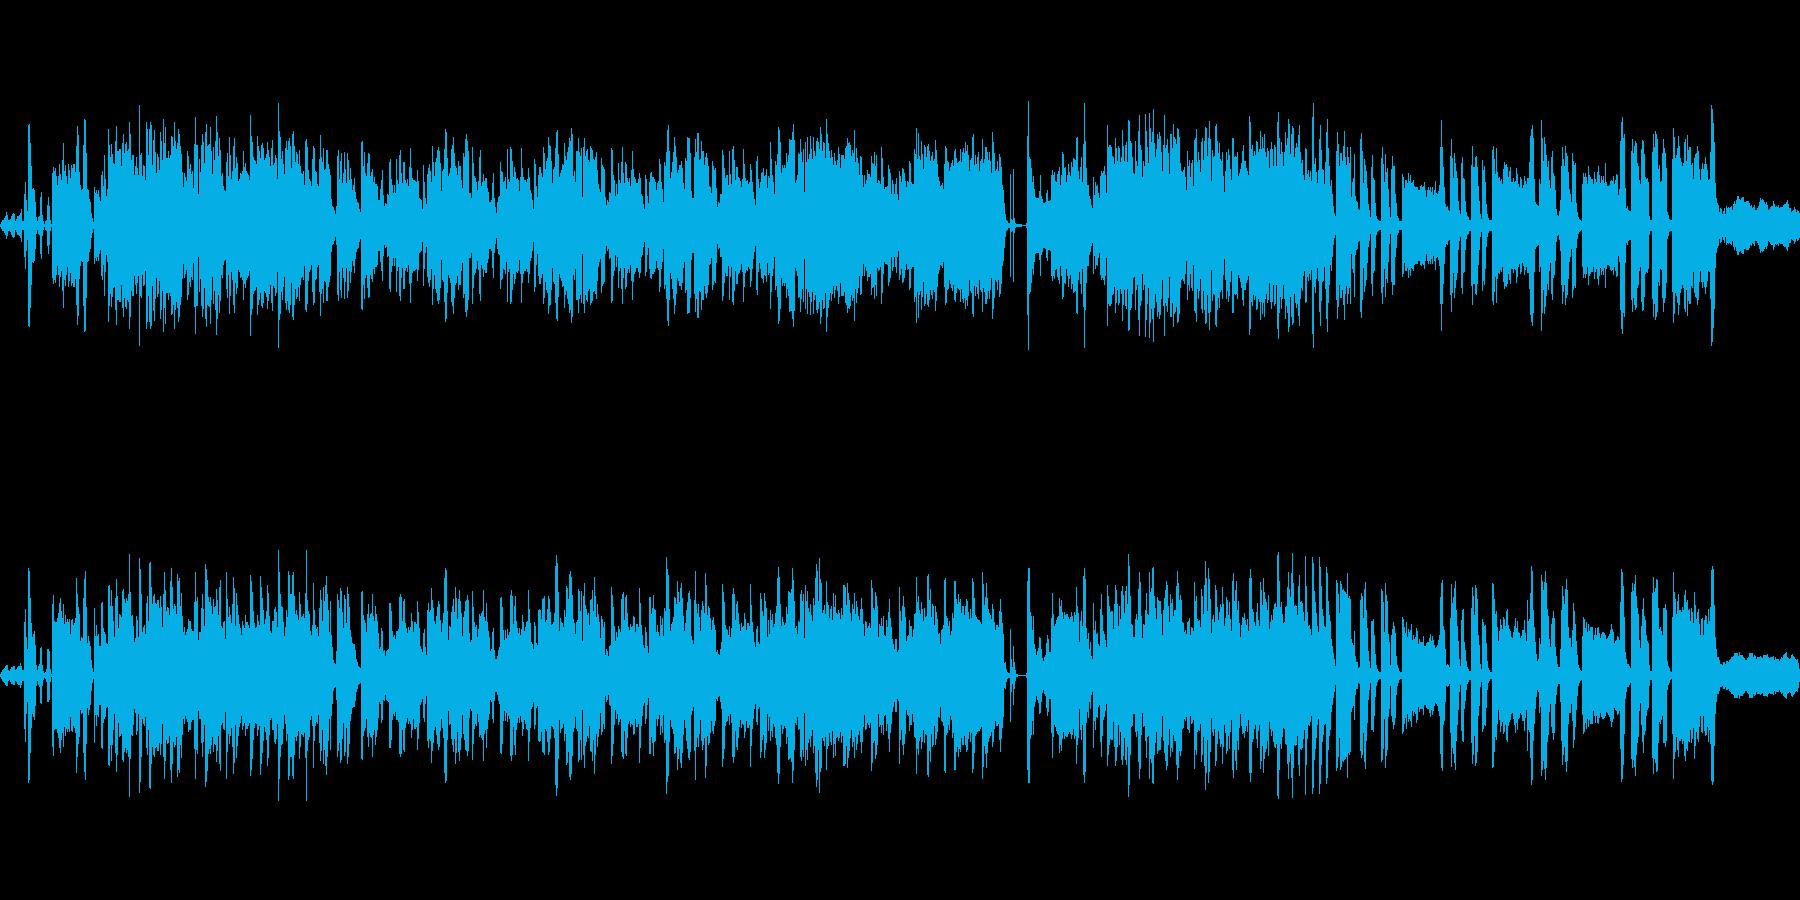 和風、琴 笛のオーケストラループ楽曲の再生済みの波形